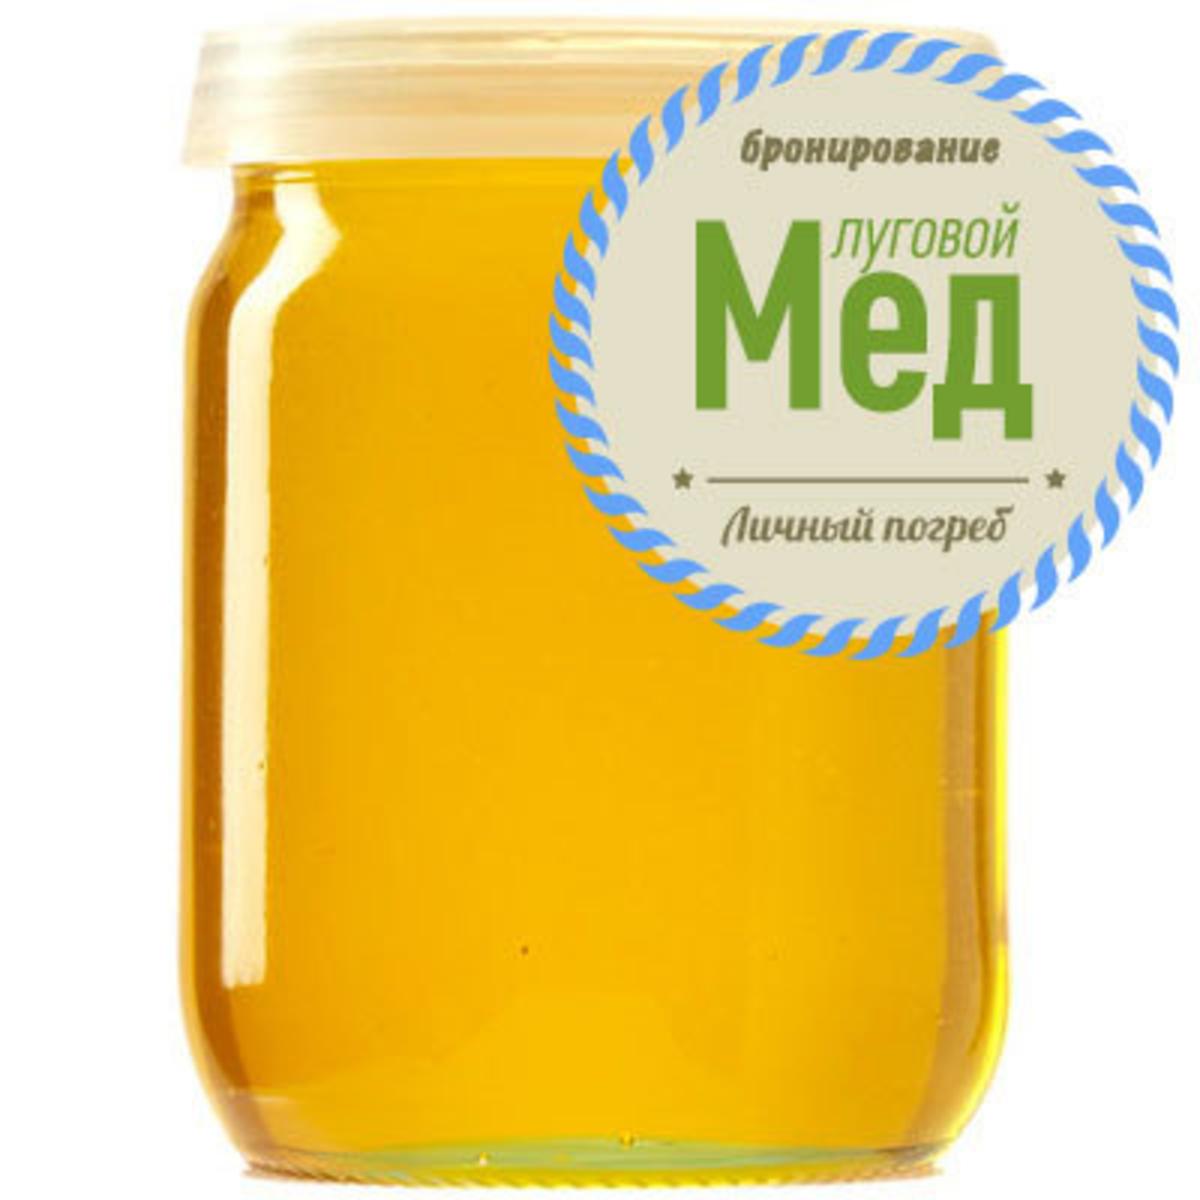 Бронирование мёда